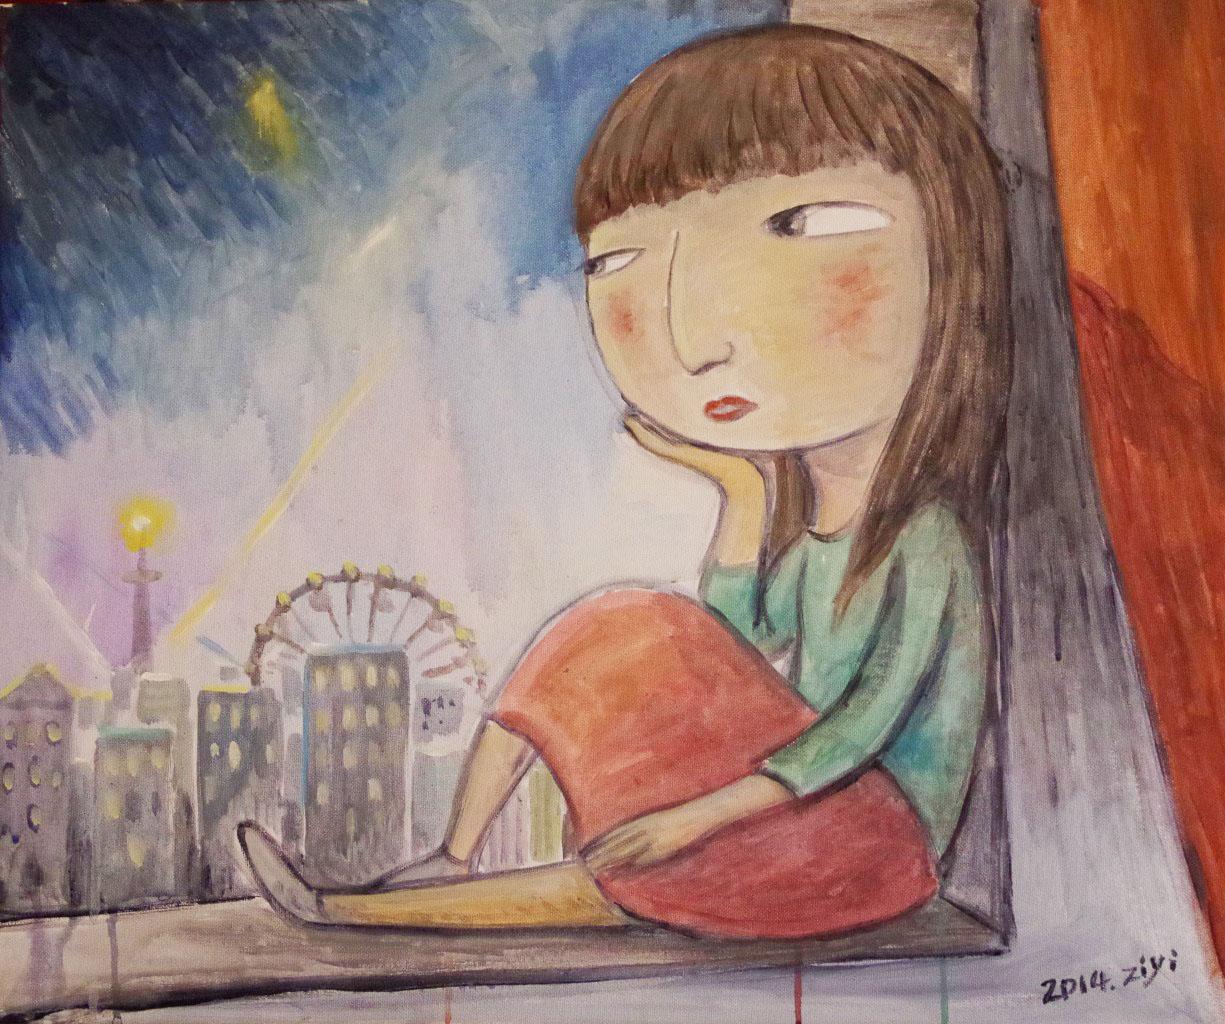 手绘插画,材料:丙烯,水彩,彩铅笔.